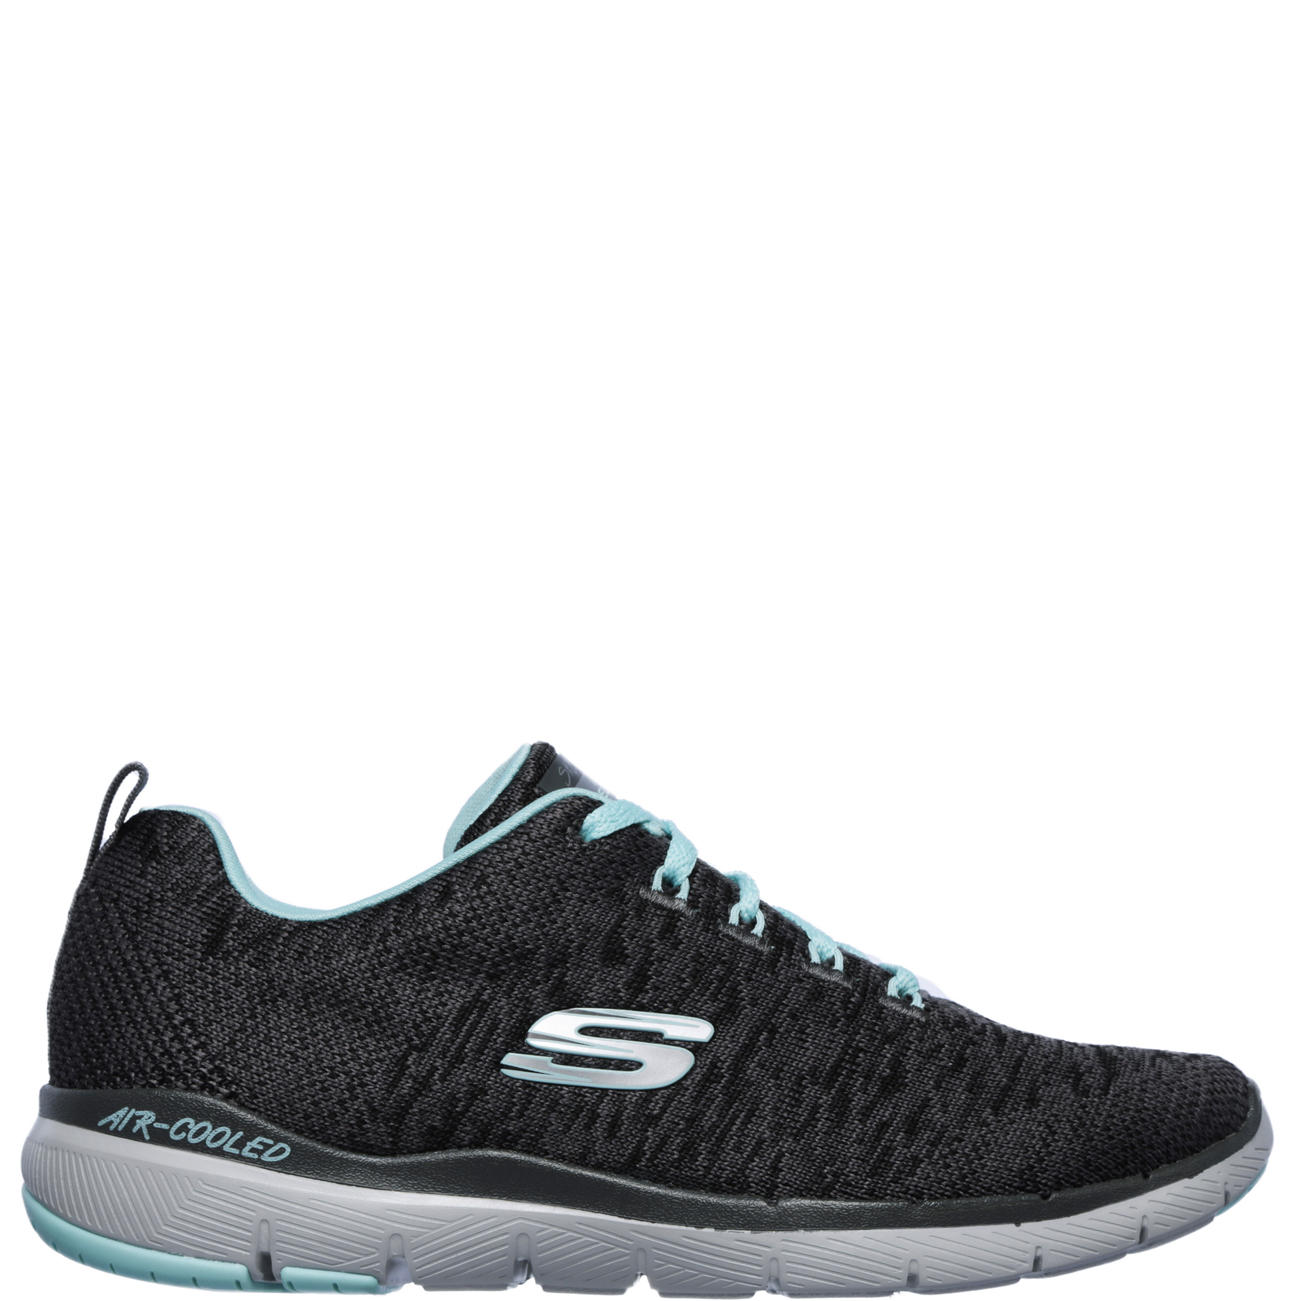 Damenschuhe Skechers Flex Foam Appeal 3.0 Lightweight Memory Foam Flex Walking Trainers UK 3-8 e75918